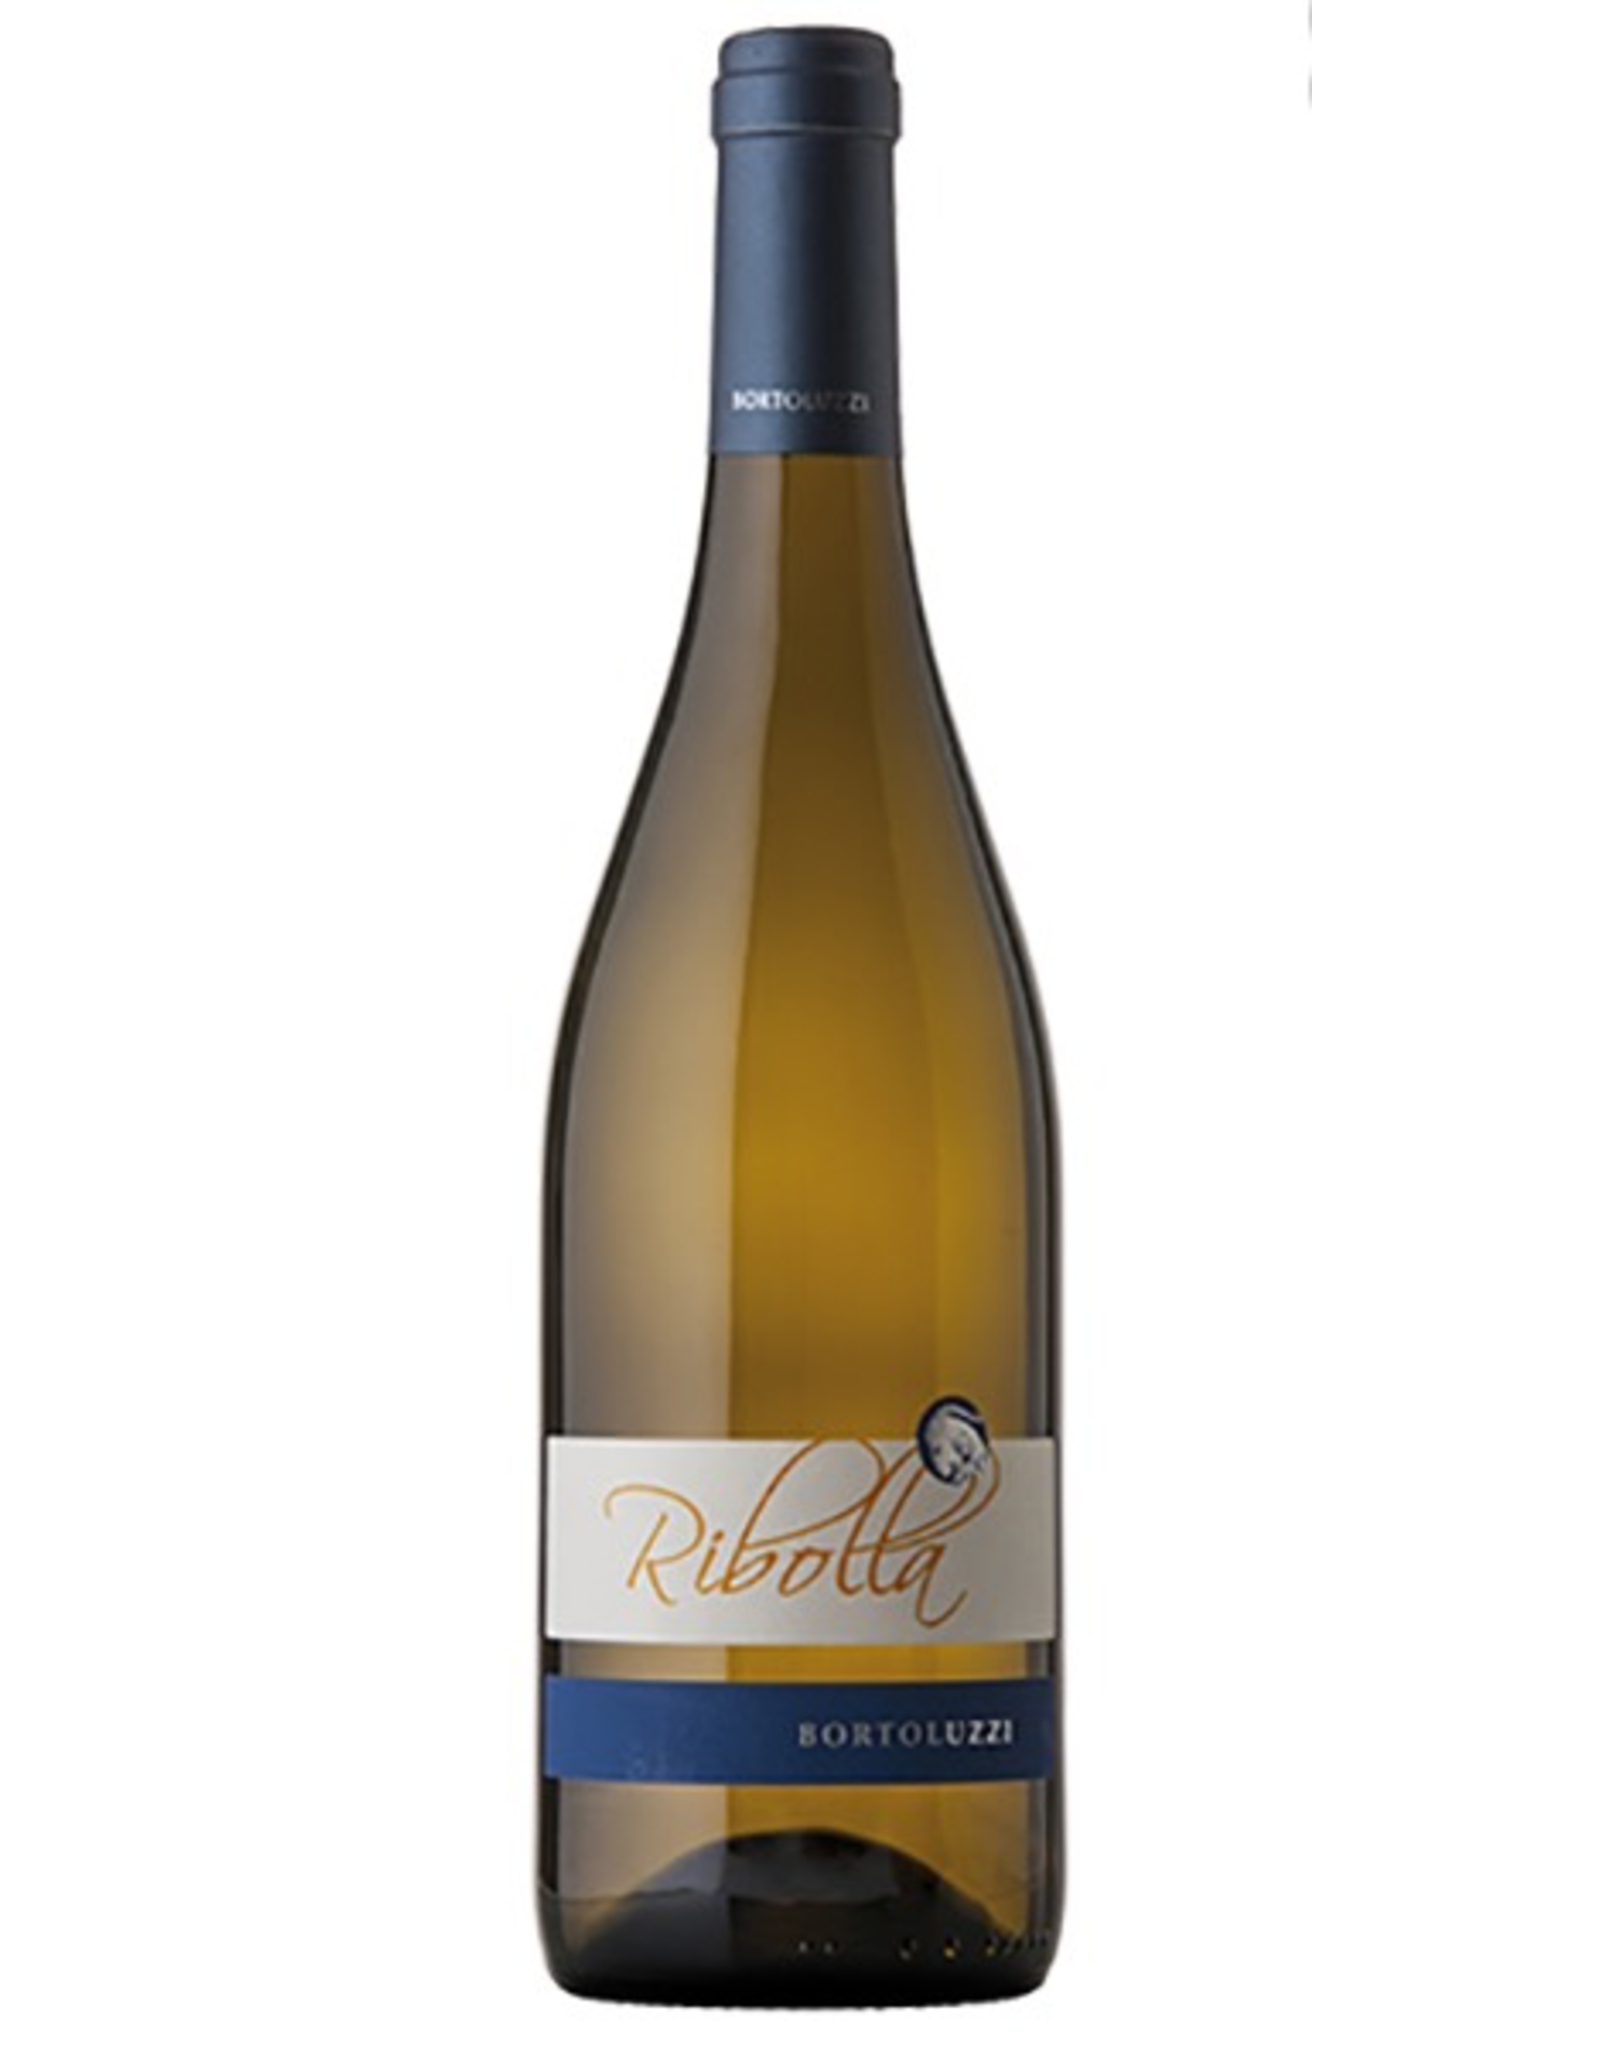 White Wine 2015, Bortoluzzi, Ribolla Gialla, Friuli-Venezia Fiulia, Venezia Giulia, Italy, 12% Alc, CTnr, TW91